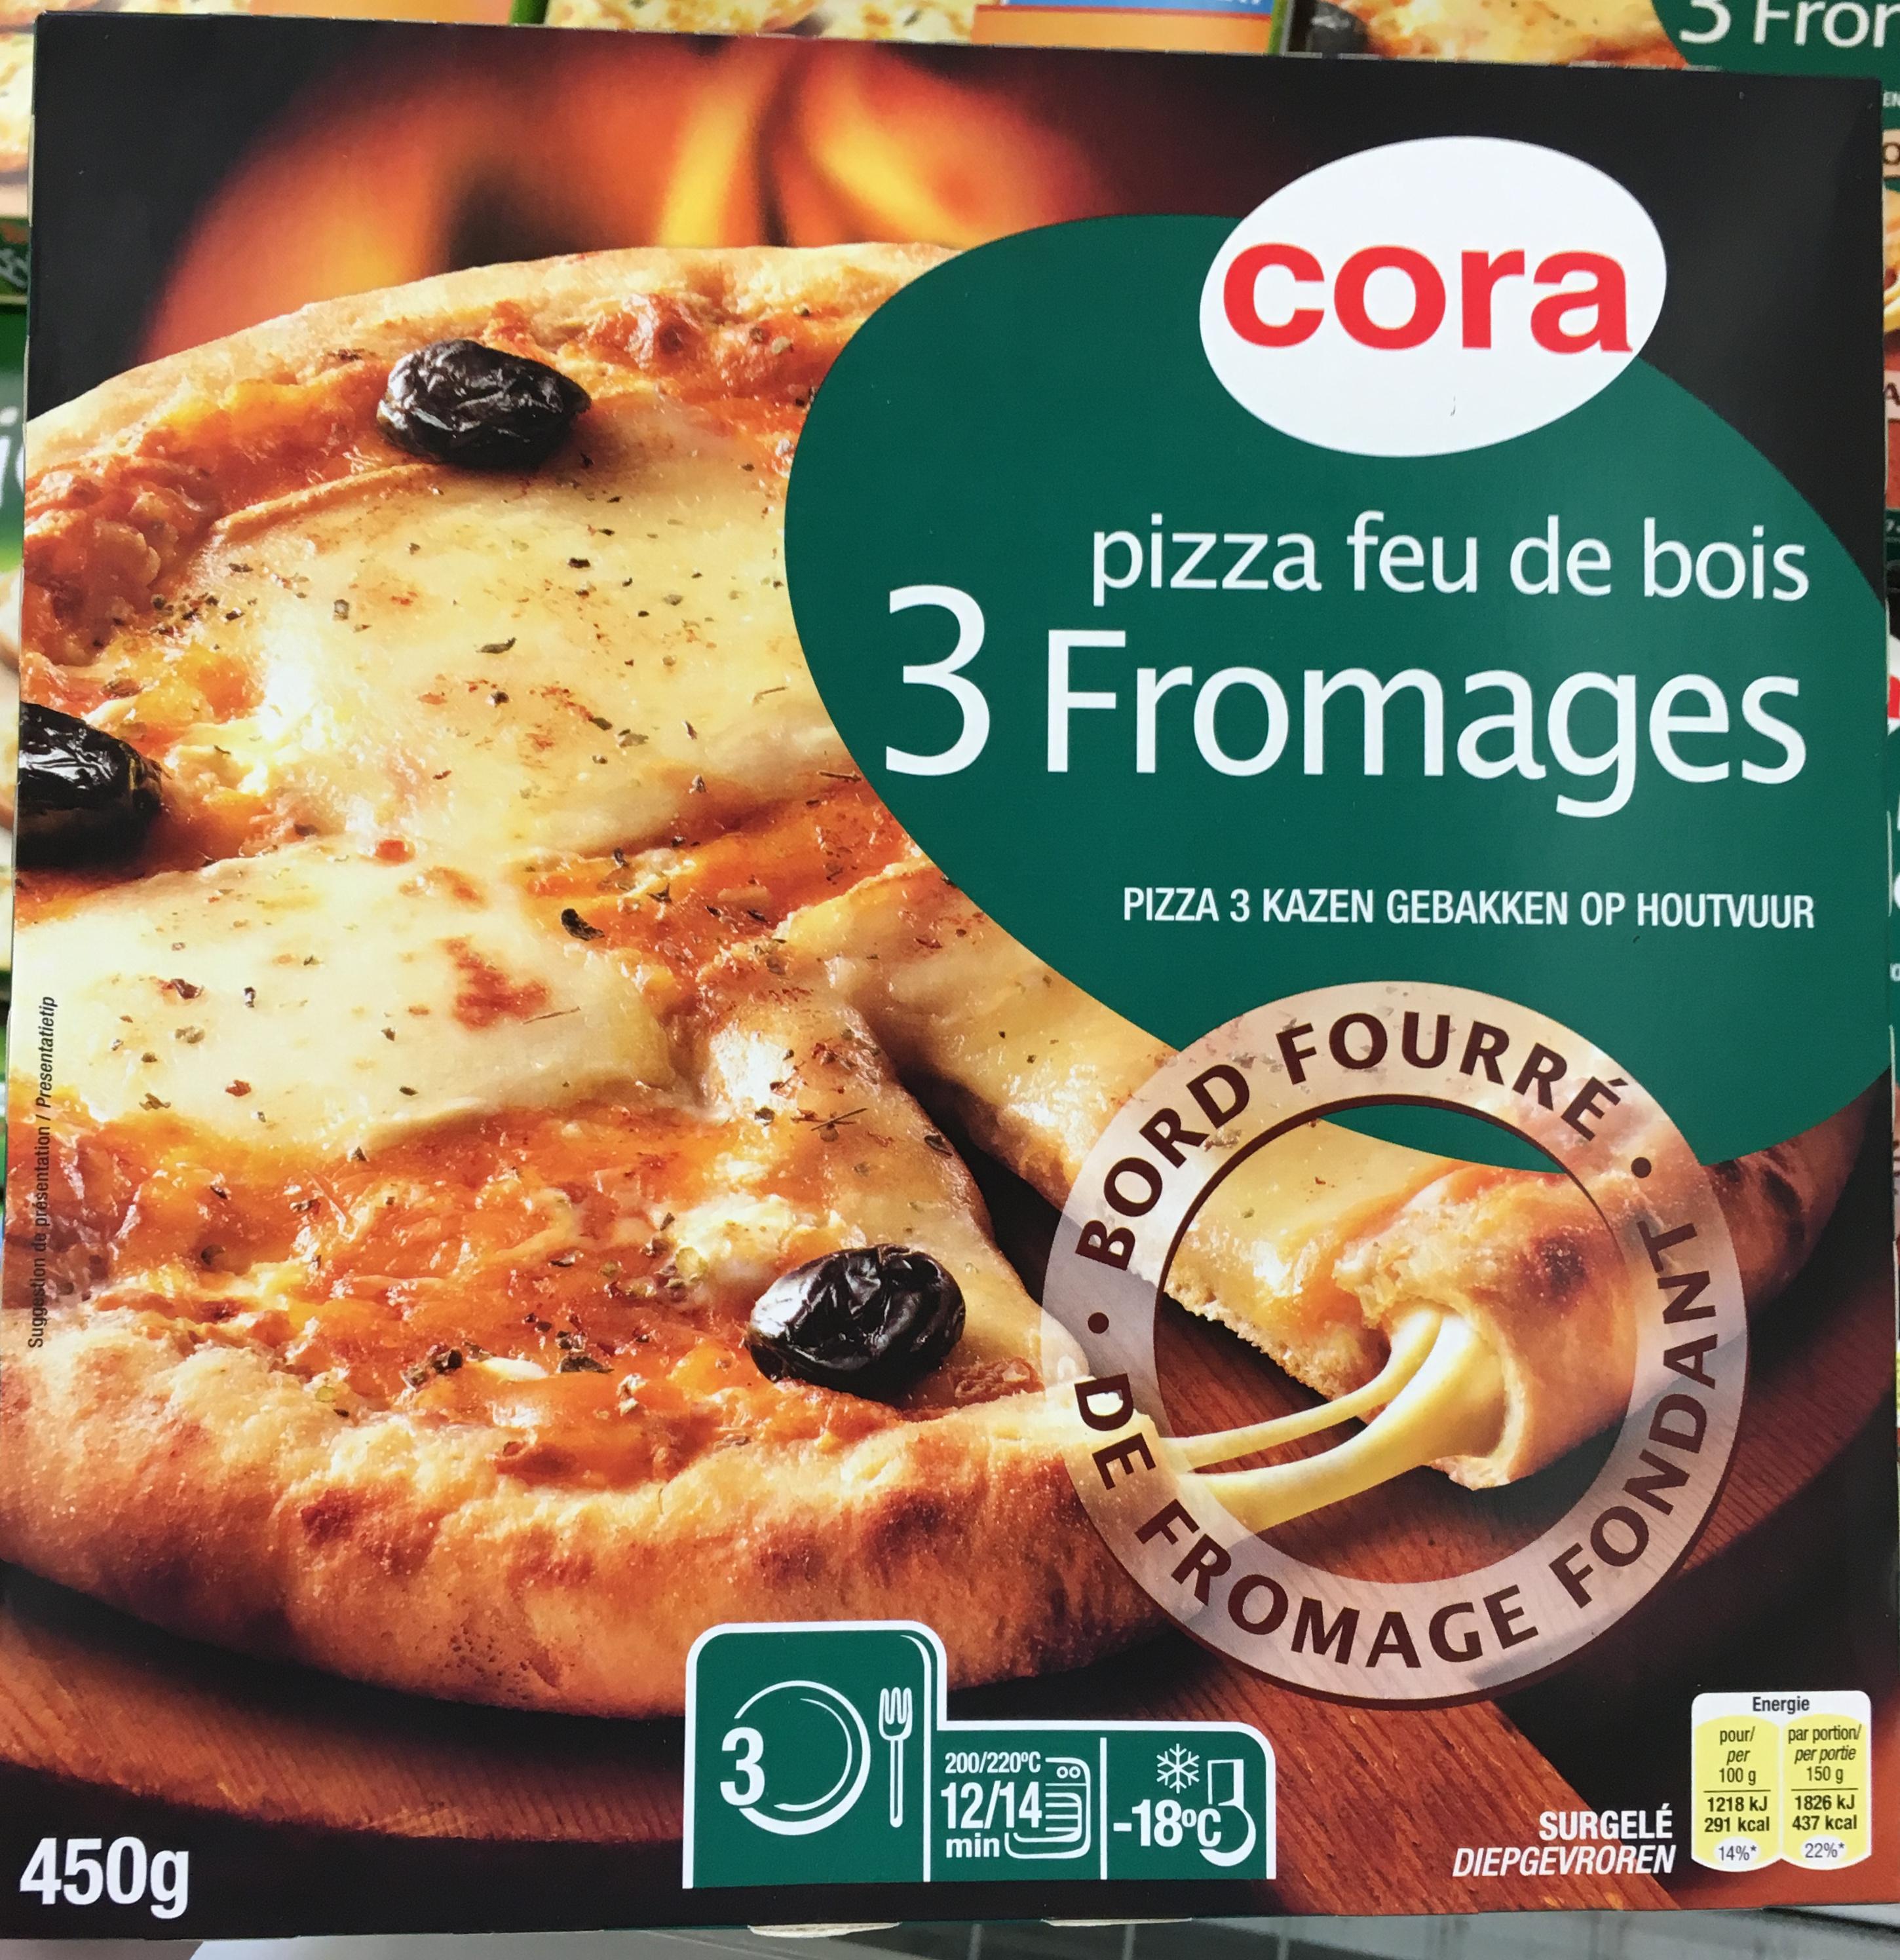 Pizza feu de bois 3 Fromages Cora 450 g # Pizza Feu De Bois Nancy